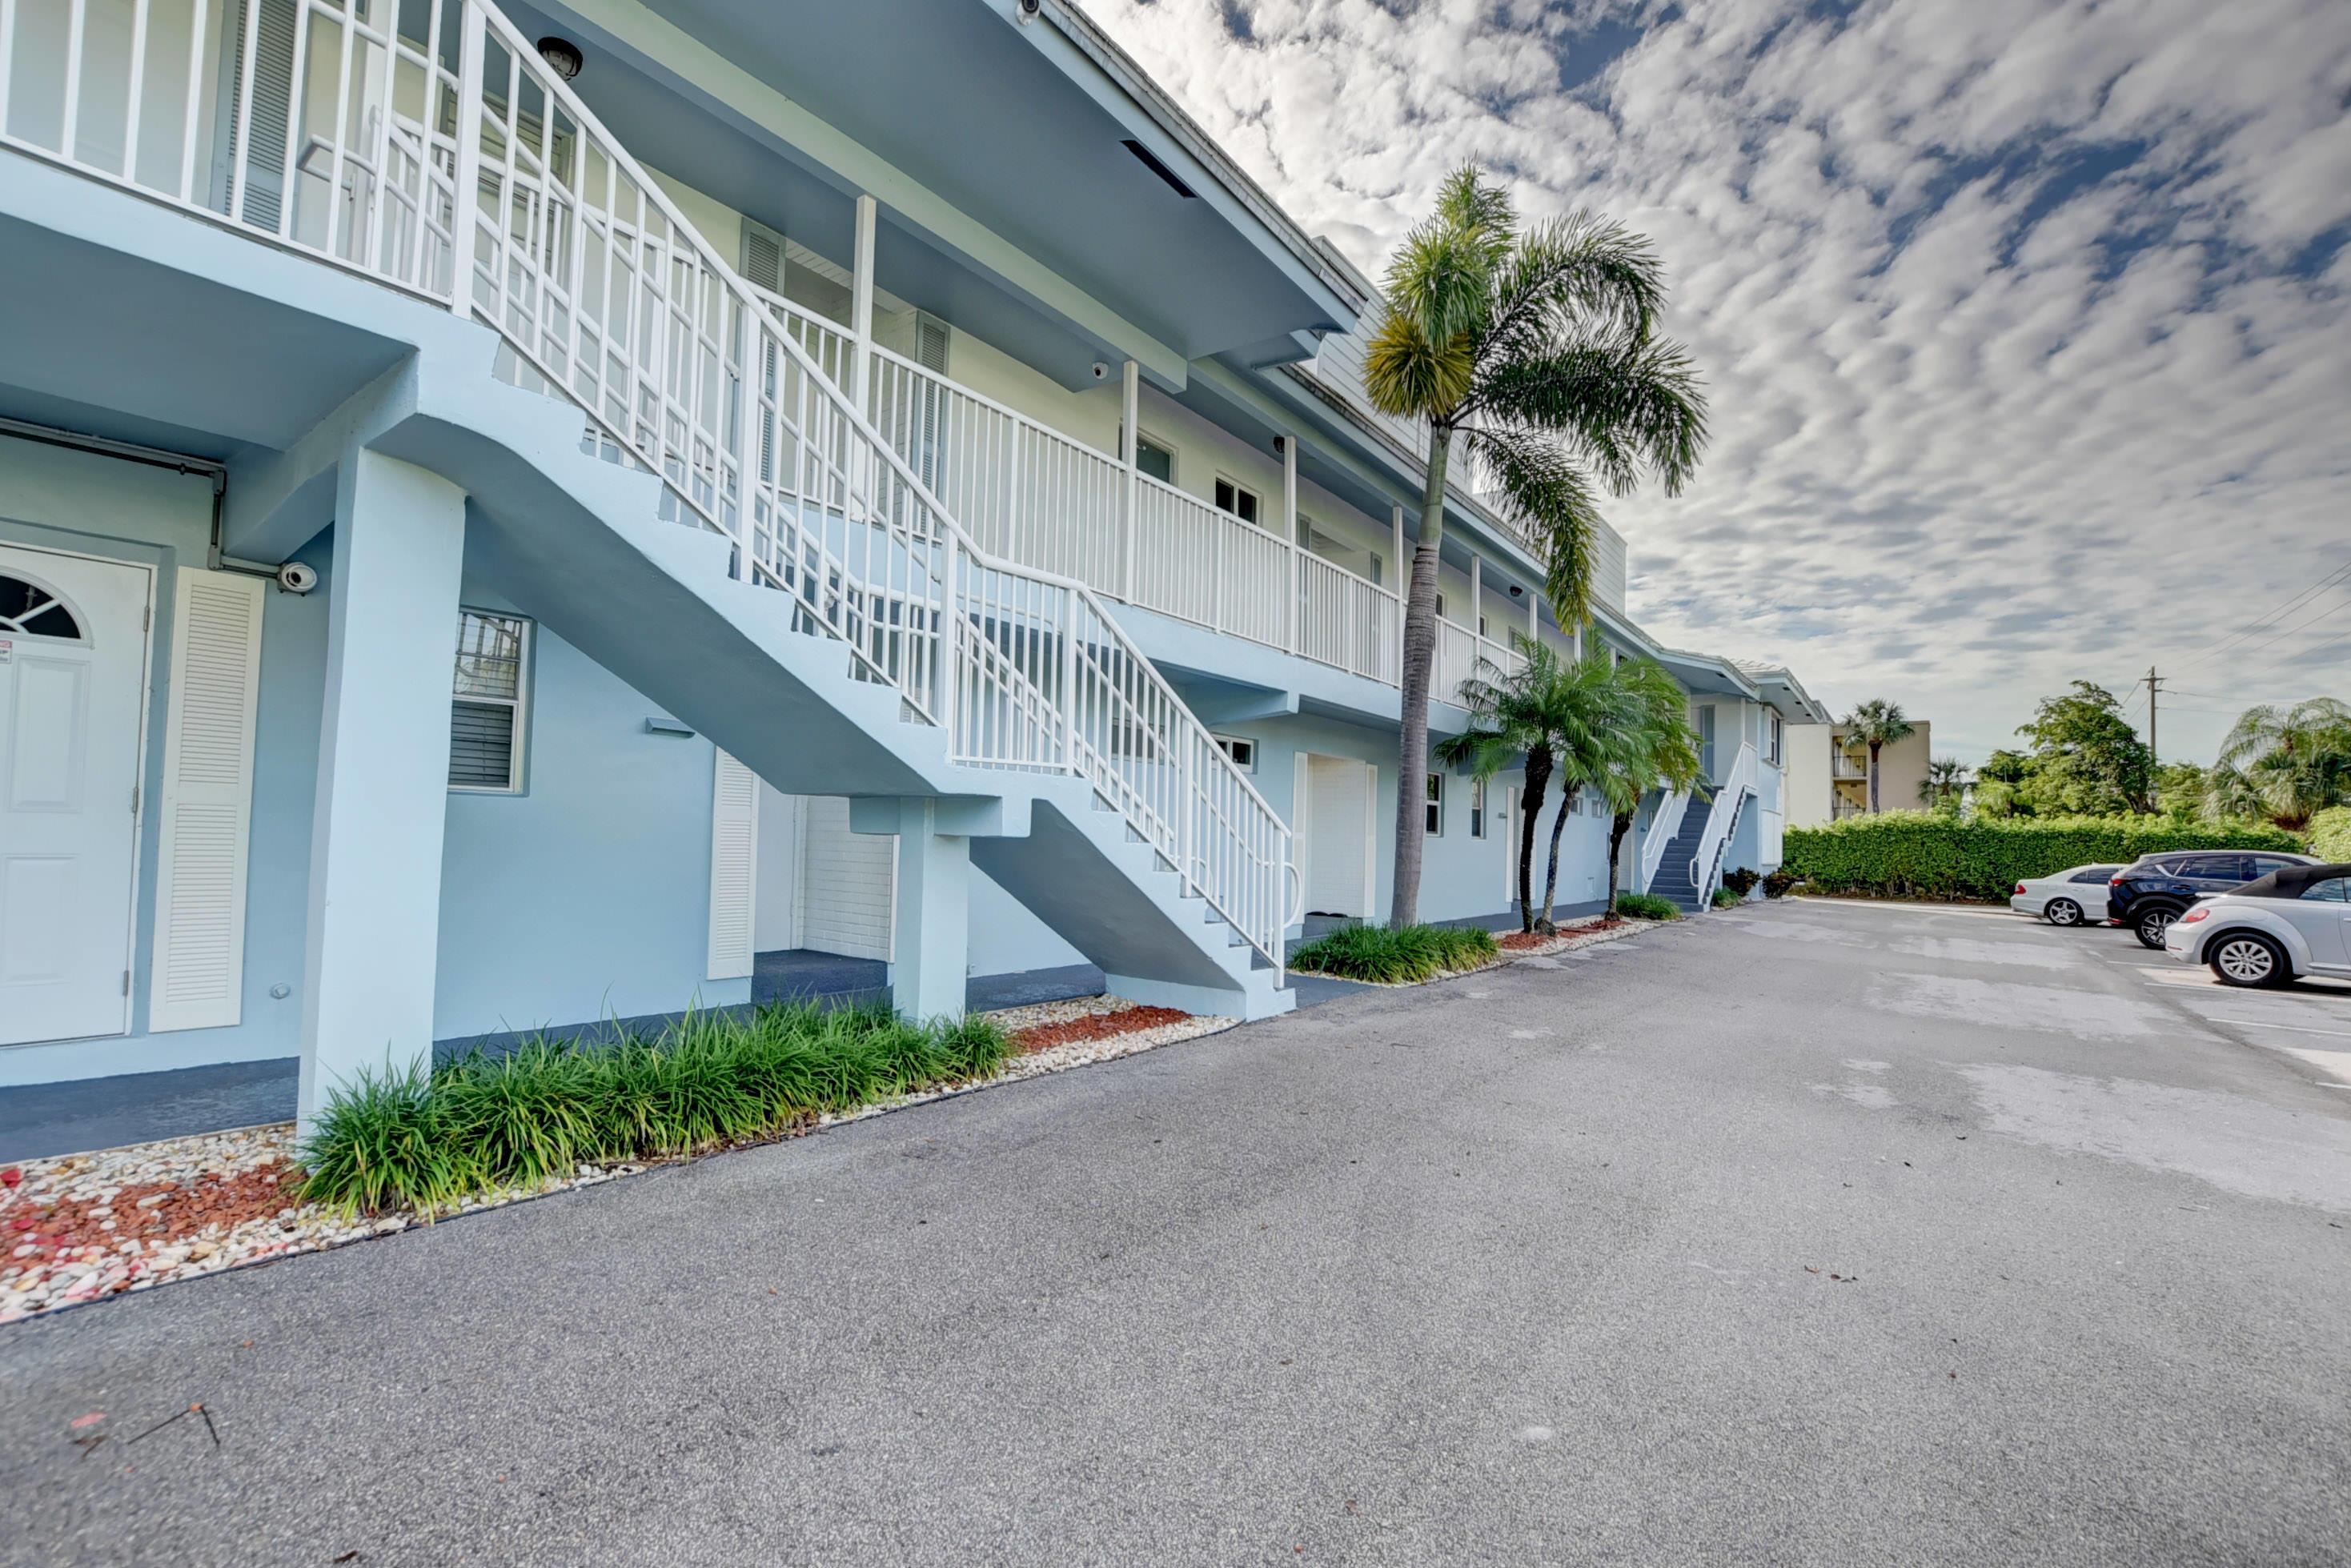 6100 NE 7th Avenue 11 Boca Raton, FL 33487